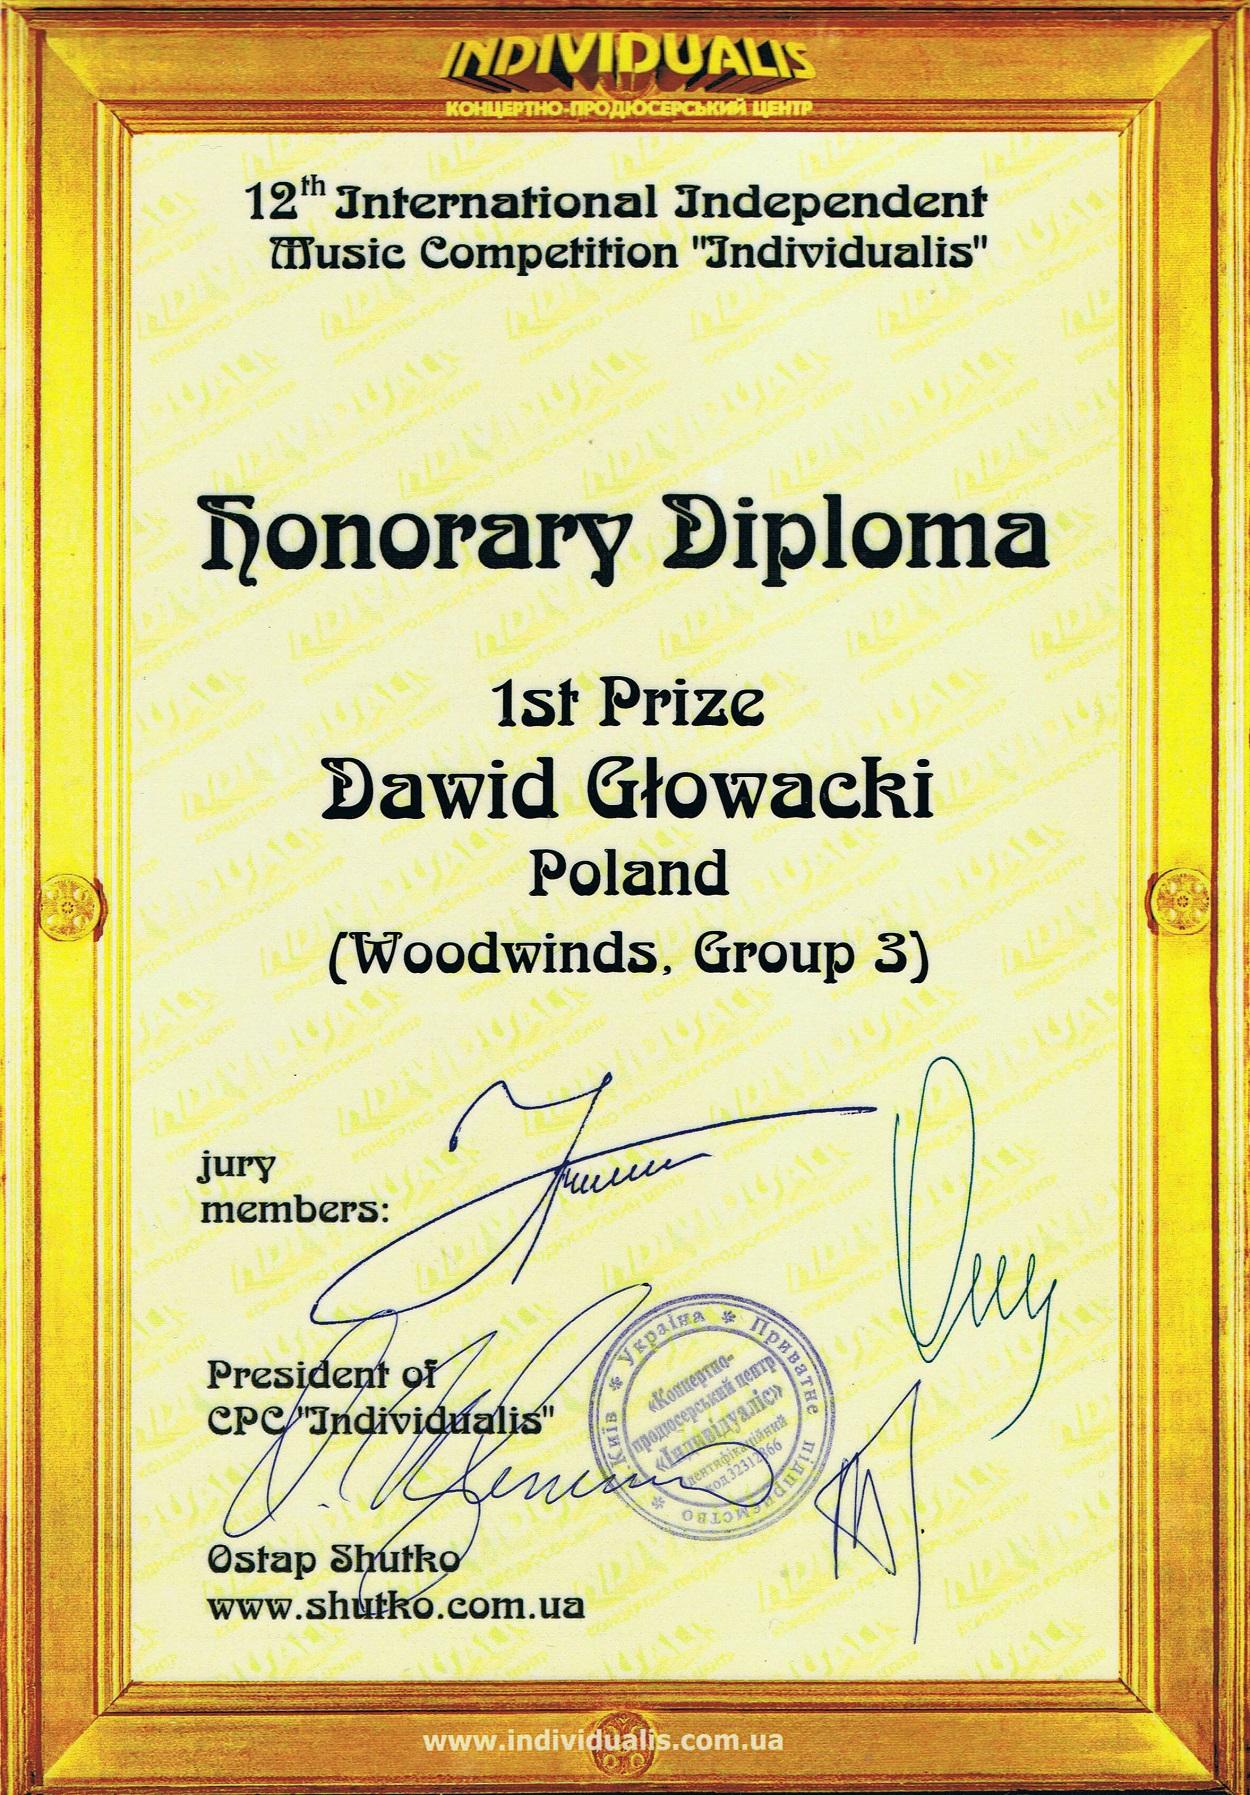 Dyplom Dawid Glowacki_1_www